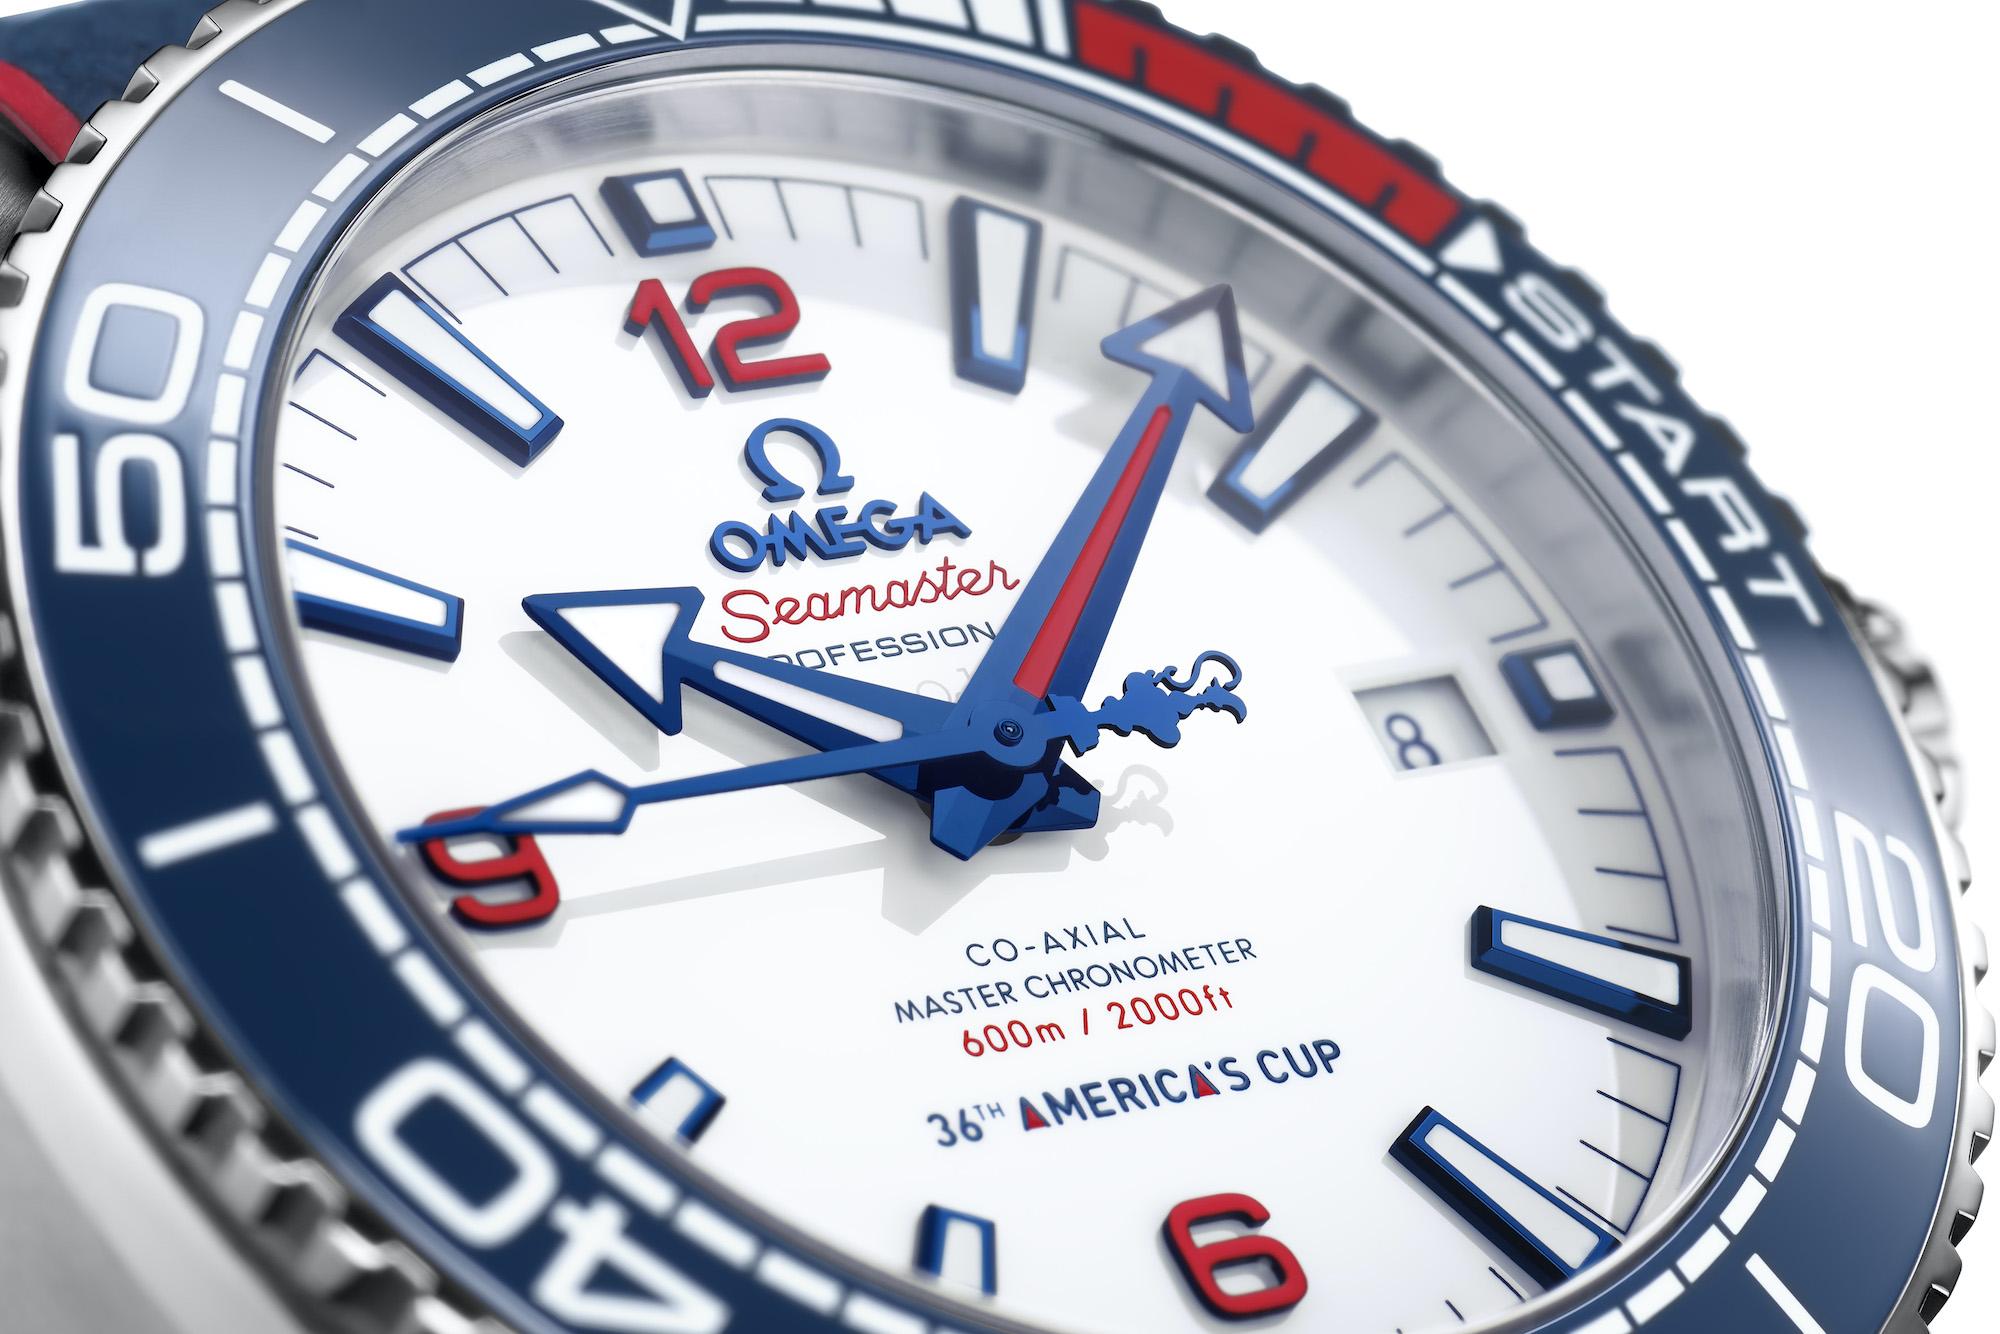 Omega Seamaster Planet Ocean 36th Americas Cup Edicion Limitada 215.32.43.21.04.001 detalle esfera